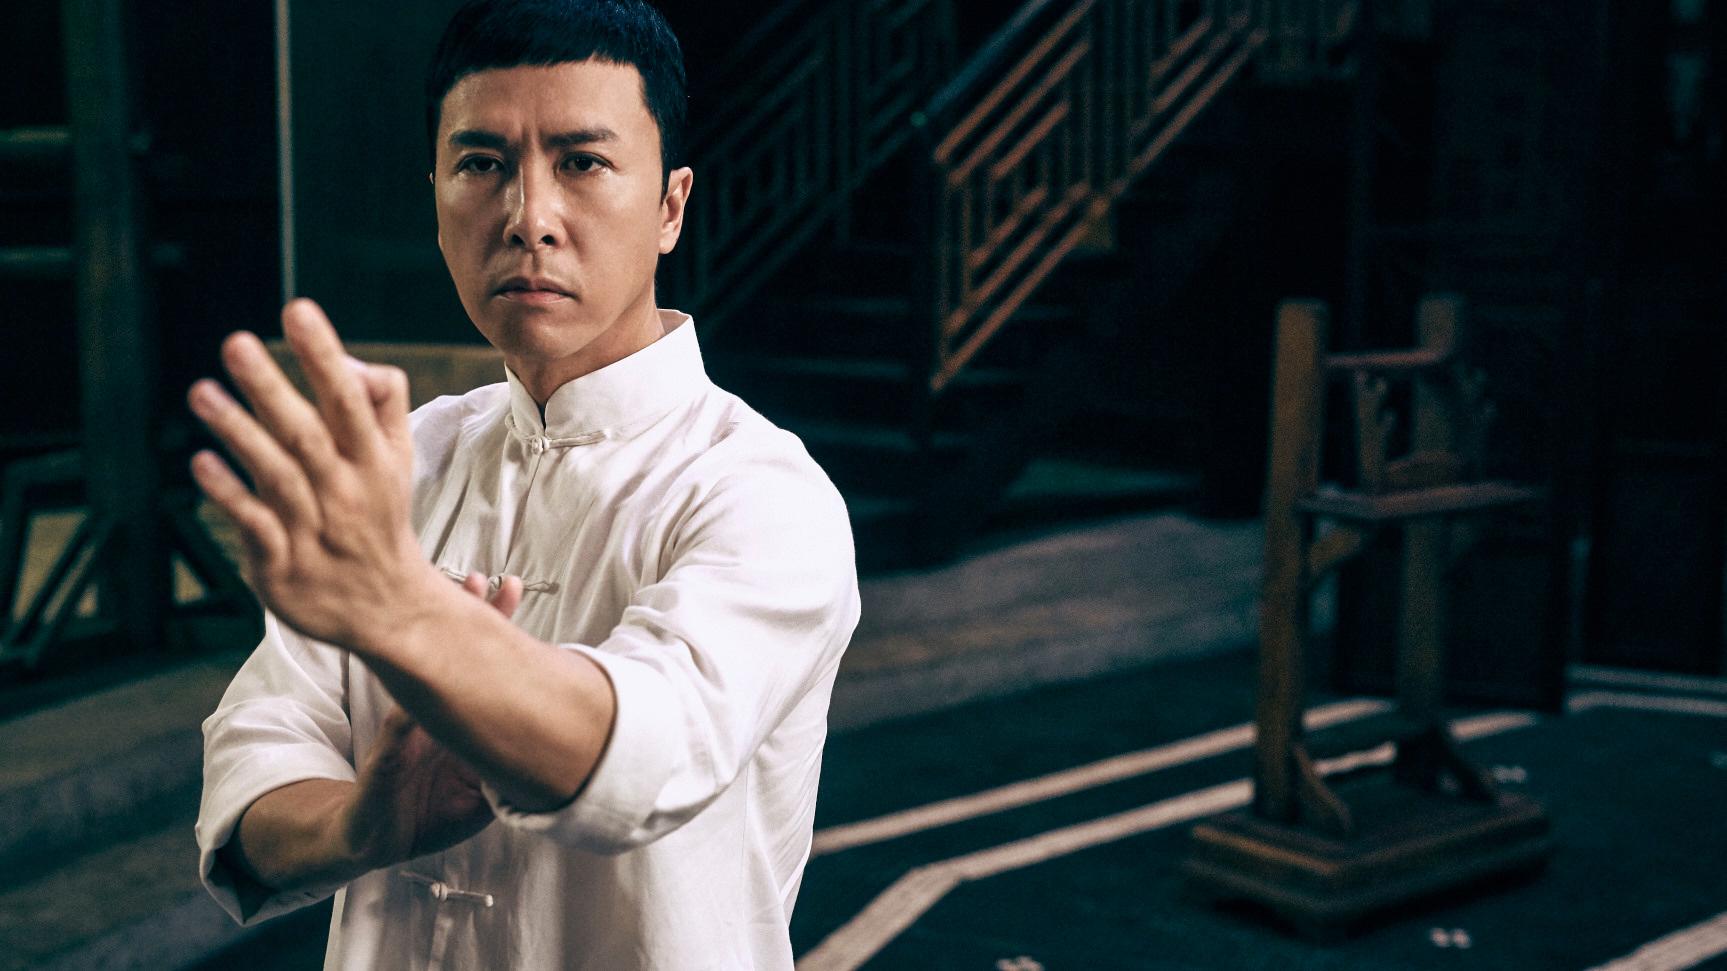 웃음기 쫙 뺀 정통 중국 무술 영화, 엽문3